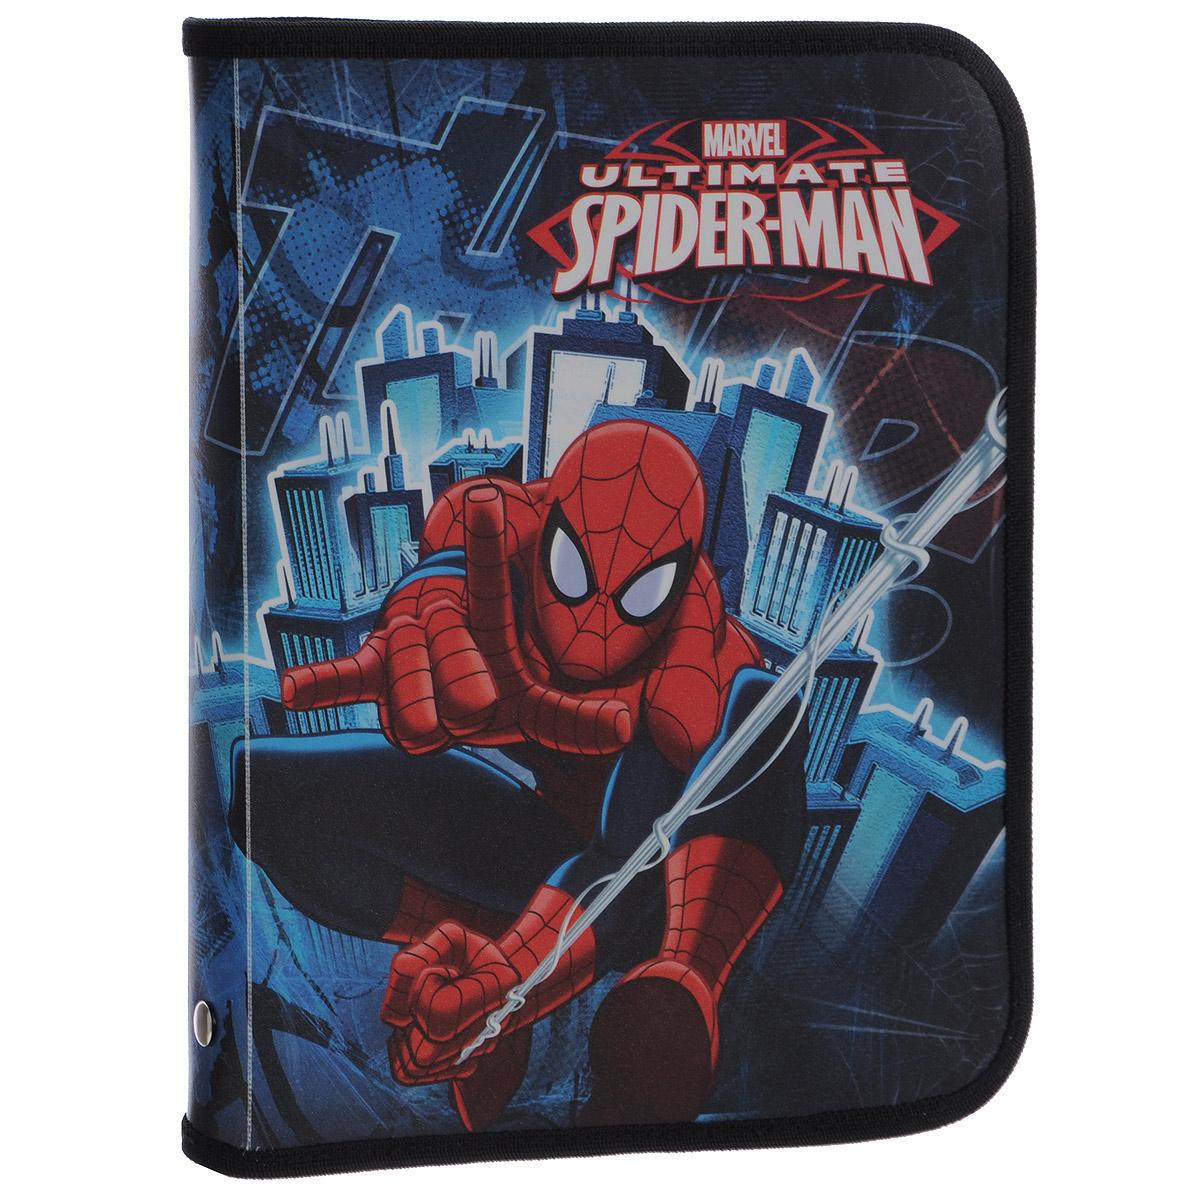 Папка для тетрадей Spider-man Classic, цвет: синий, красный. Формат А5FS-36052Папка для тетрадей Spider-man Classic- это удобный и функциональный инструмент. В папке одно вместительное отделение, которое идеально подойдет для хранения различных бумаг формата А5, а также школьных тетрадей и письменных принадлежностей. Папка оформлена красочными изображениями героев мультфильма Spider-man Classic. Папка изготовлена из прочного пластика. Края папки окантованы мягкой текстильной тесьмой. Надежная застежка-молния вокруг папки обеспечивает максимальный комфорт в использовании изделия, позволяя быстро открыть и закрыть папку. Папка практична в использовании и надежно сохранит ваши бумаги и сбережет их от повреждений, пыли и влаги.